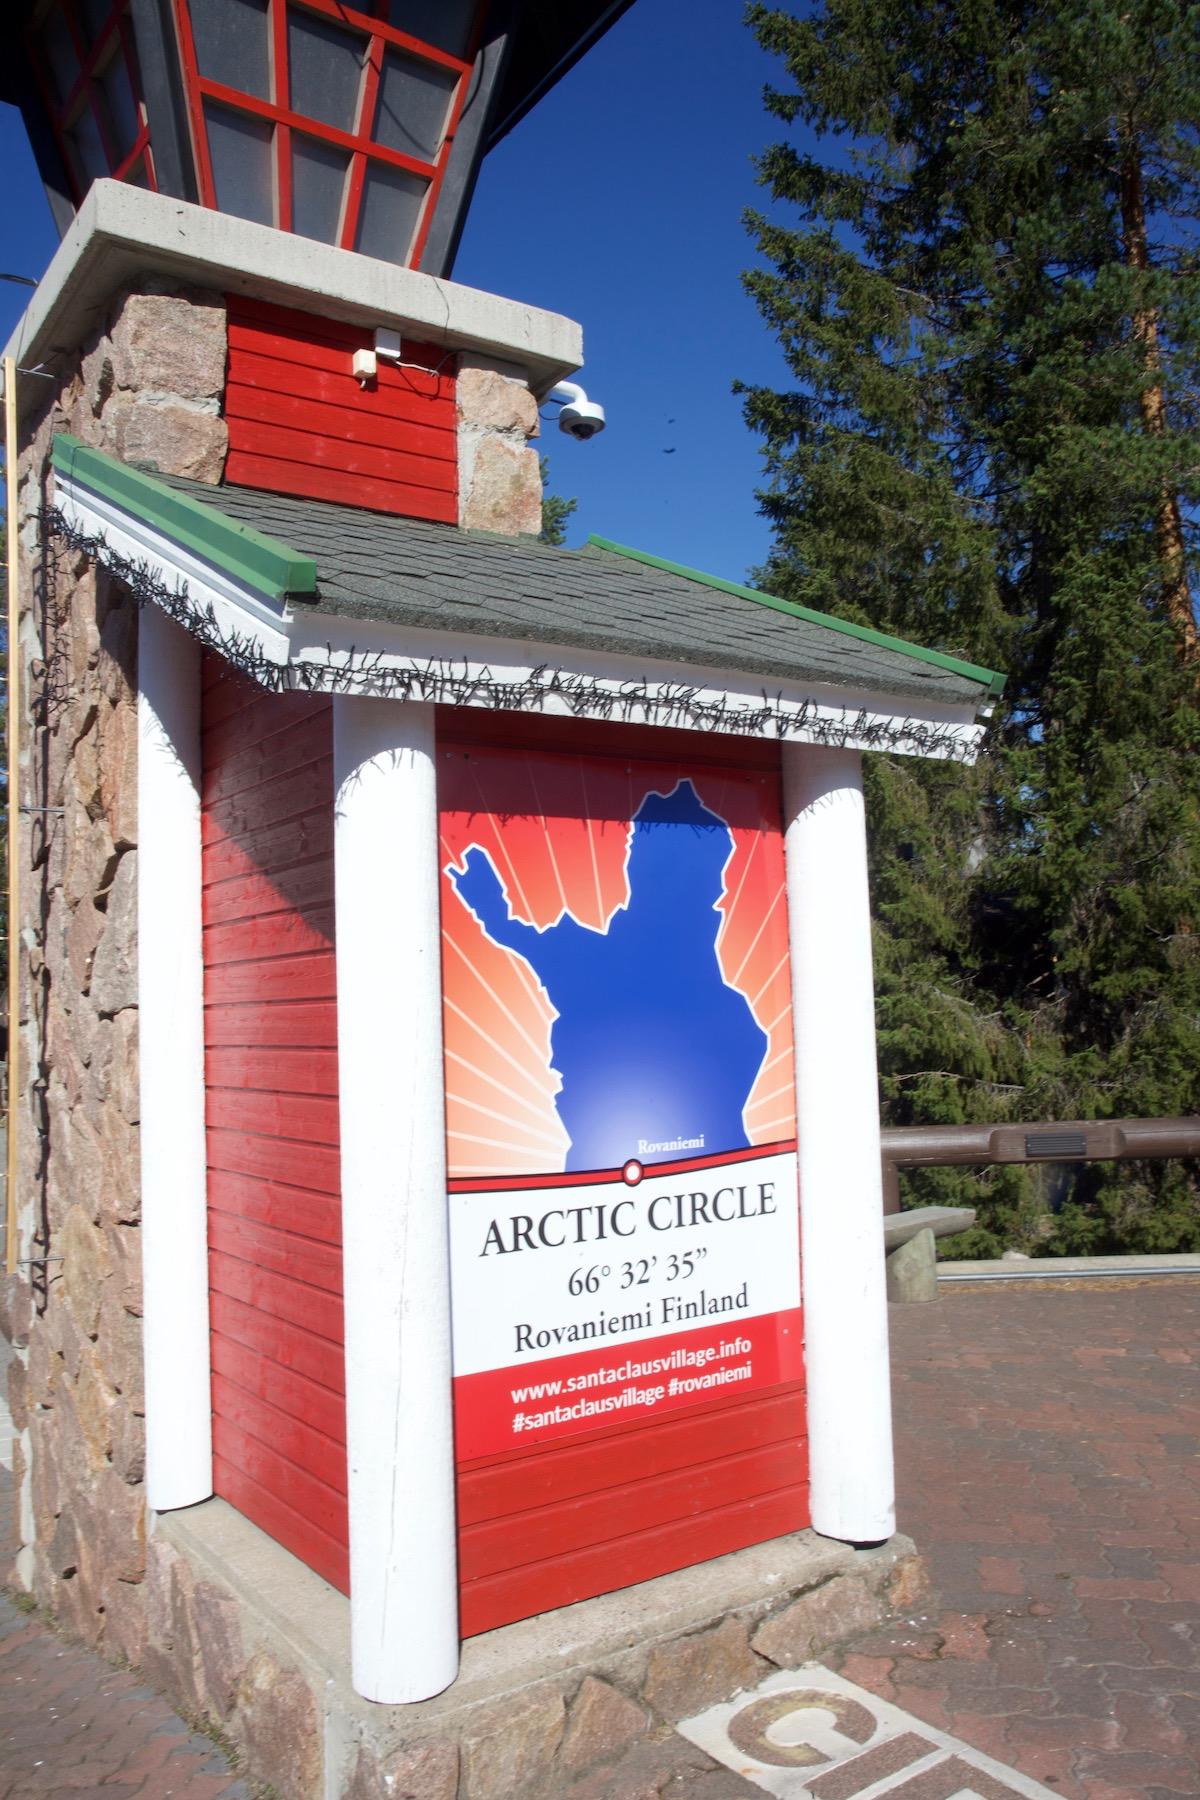 Artic circle / napapiiri